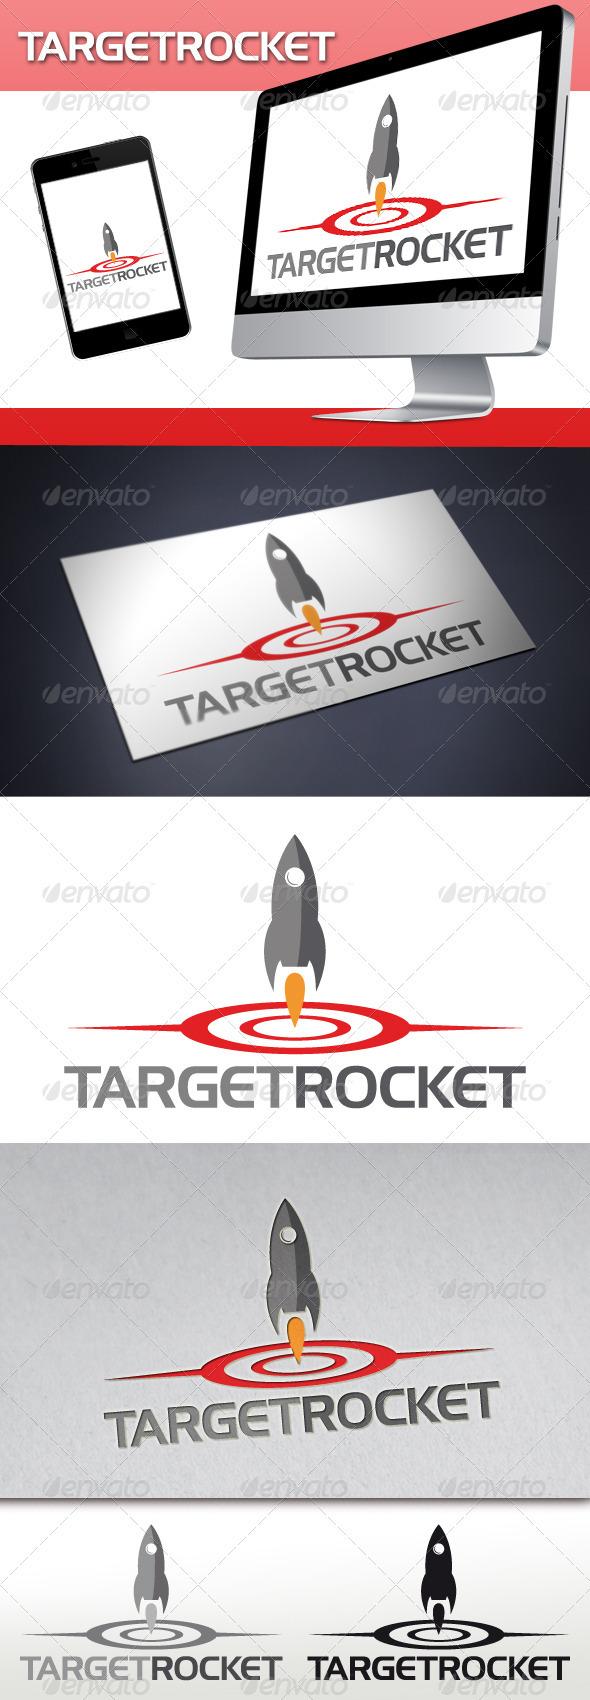 GraphicRiver Target Rocket Logo 3510555